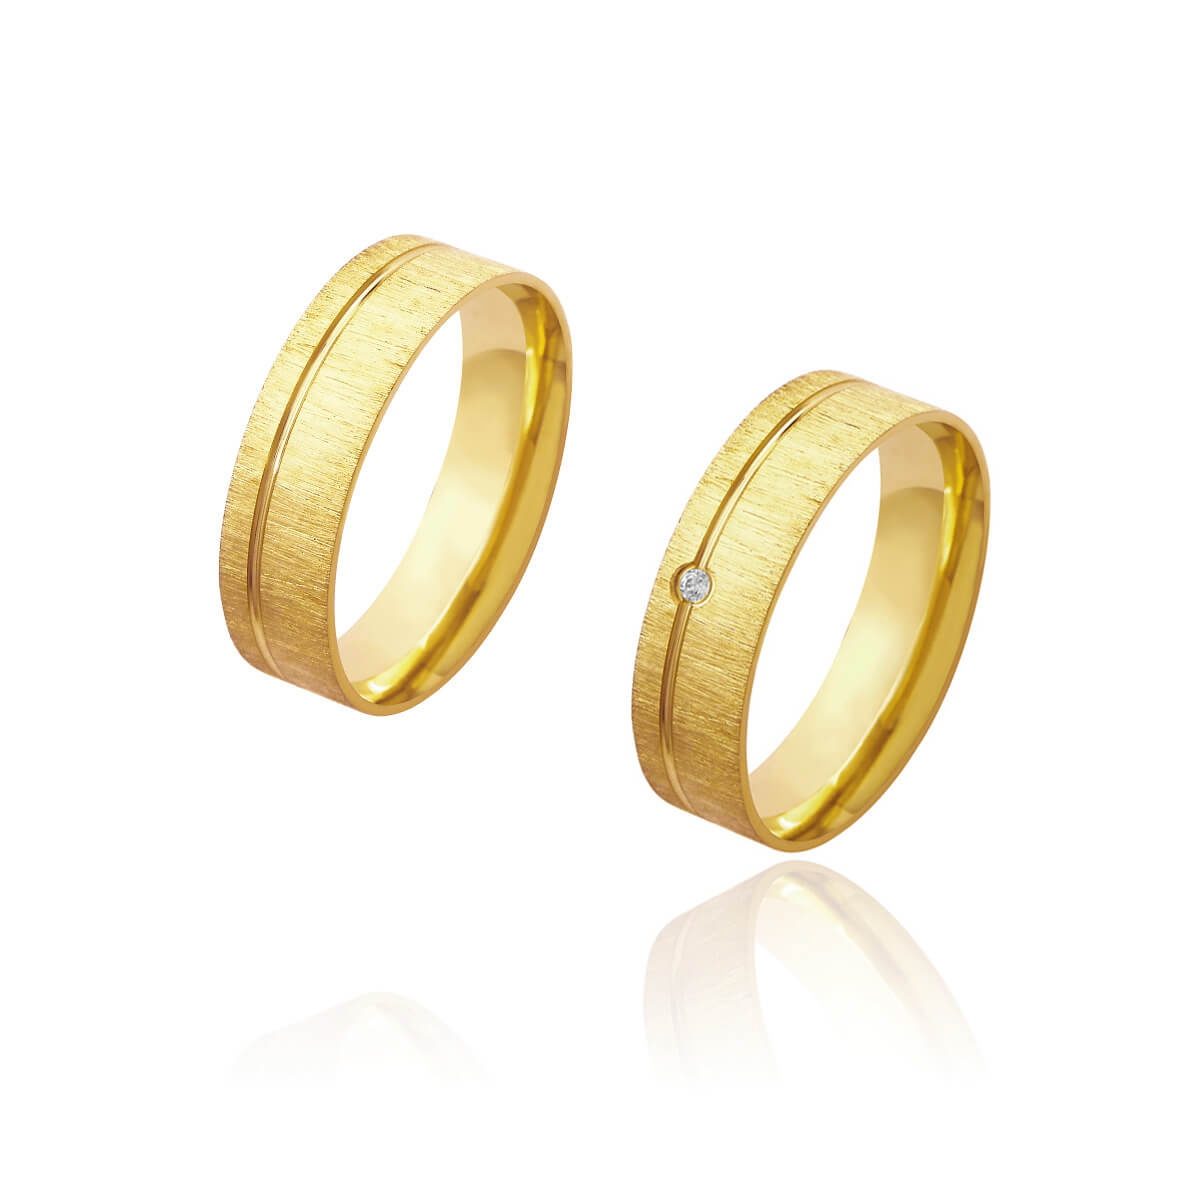 Par de Alianças de Casamento Afrodite Ouro 18k Diamantado com Friso e Brilhante Lateral 6mm 6g